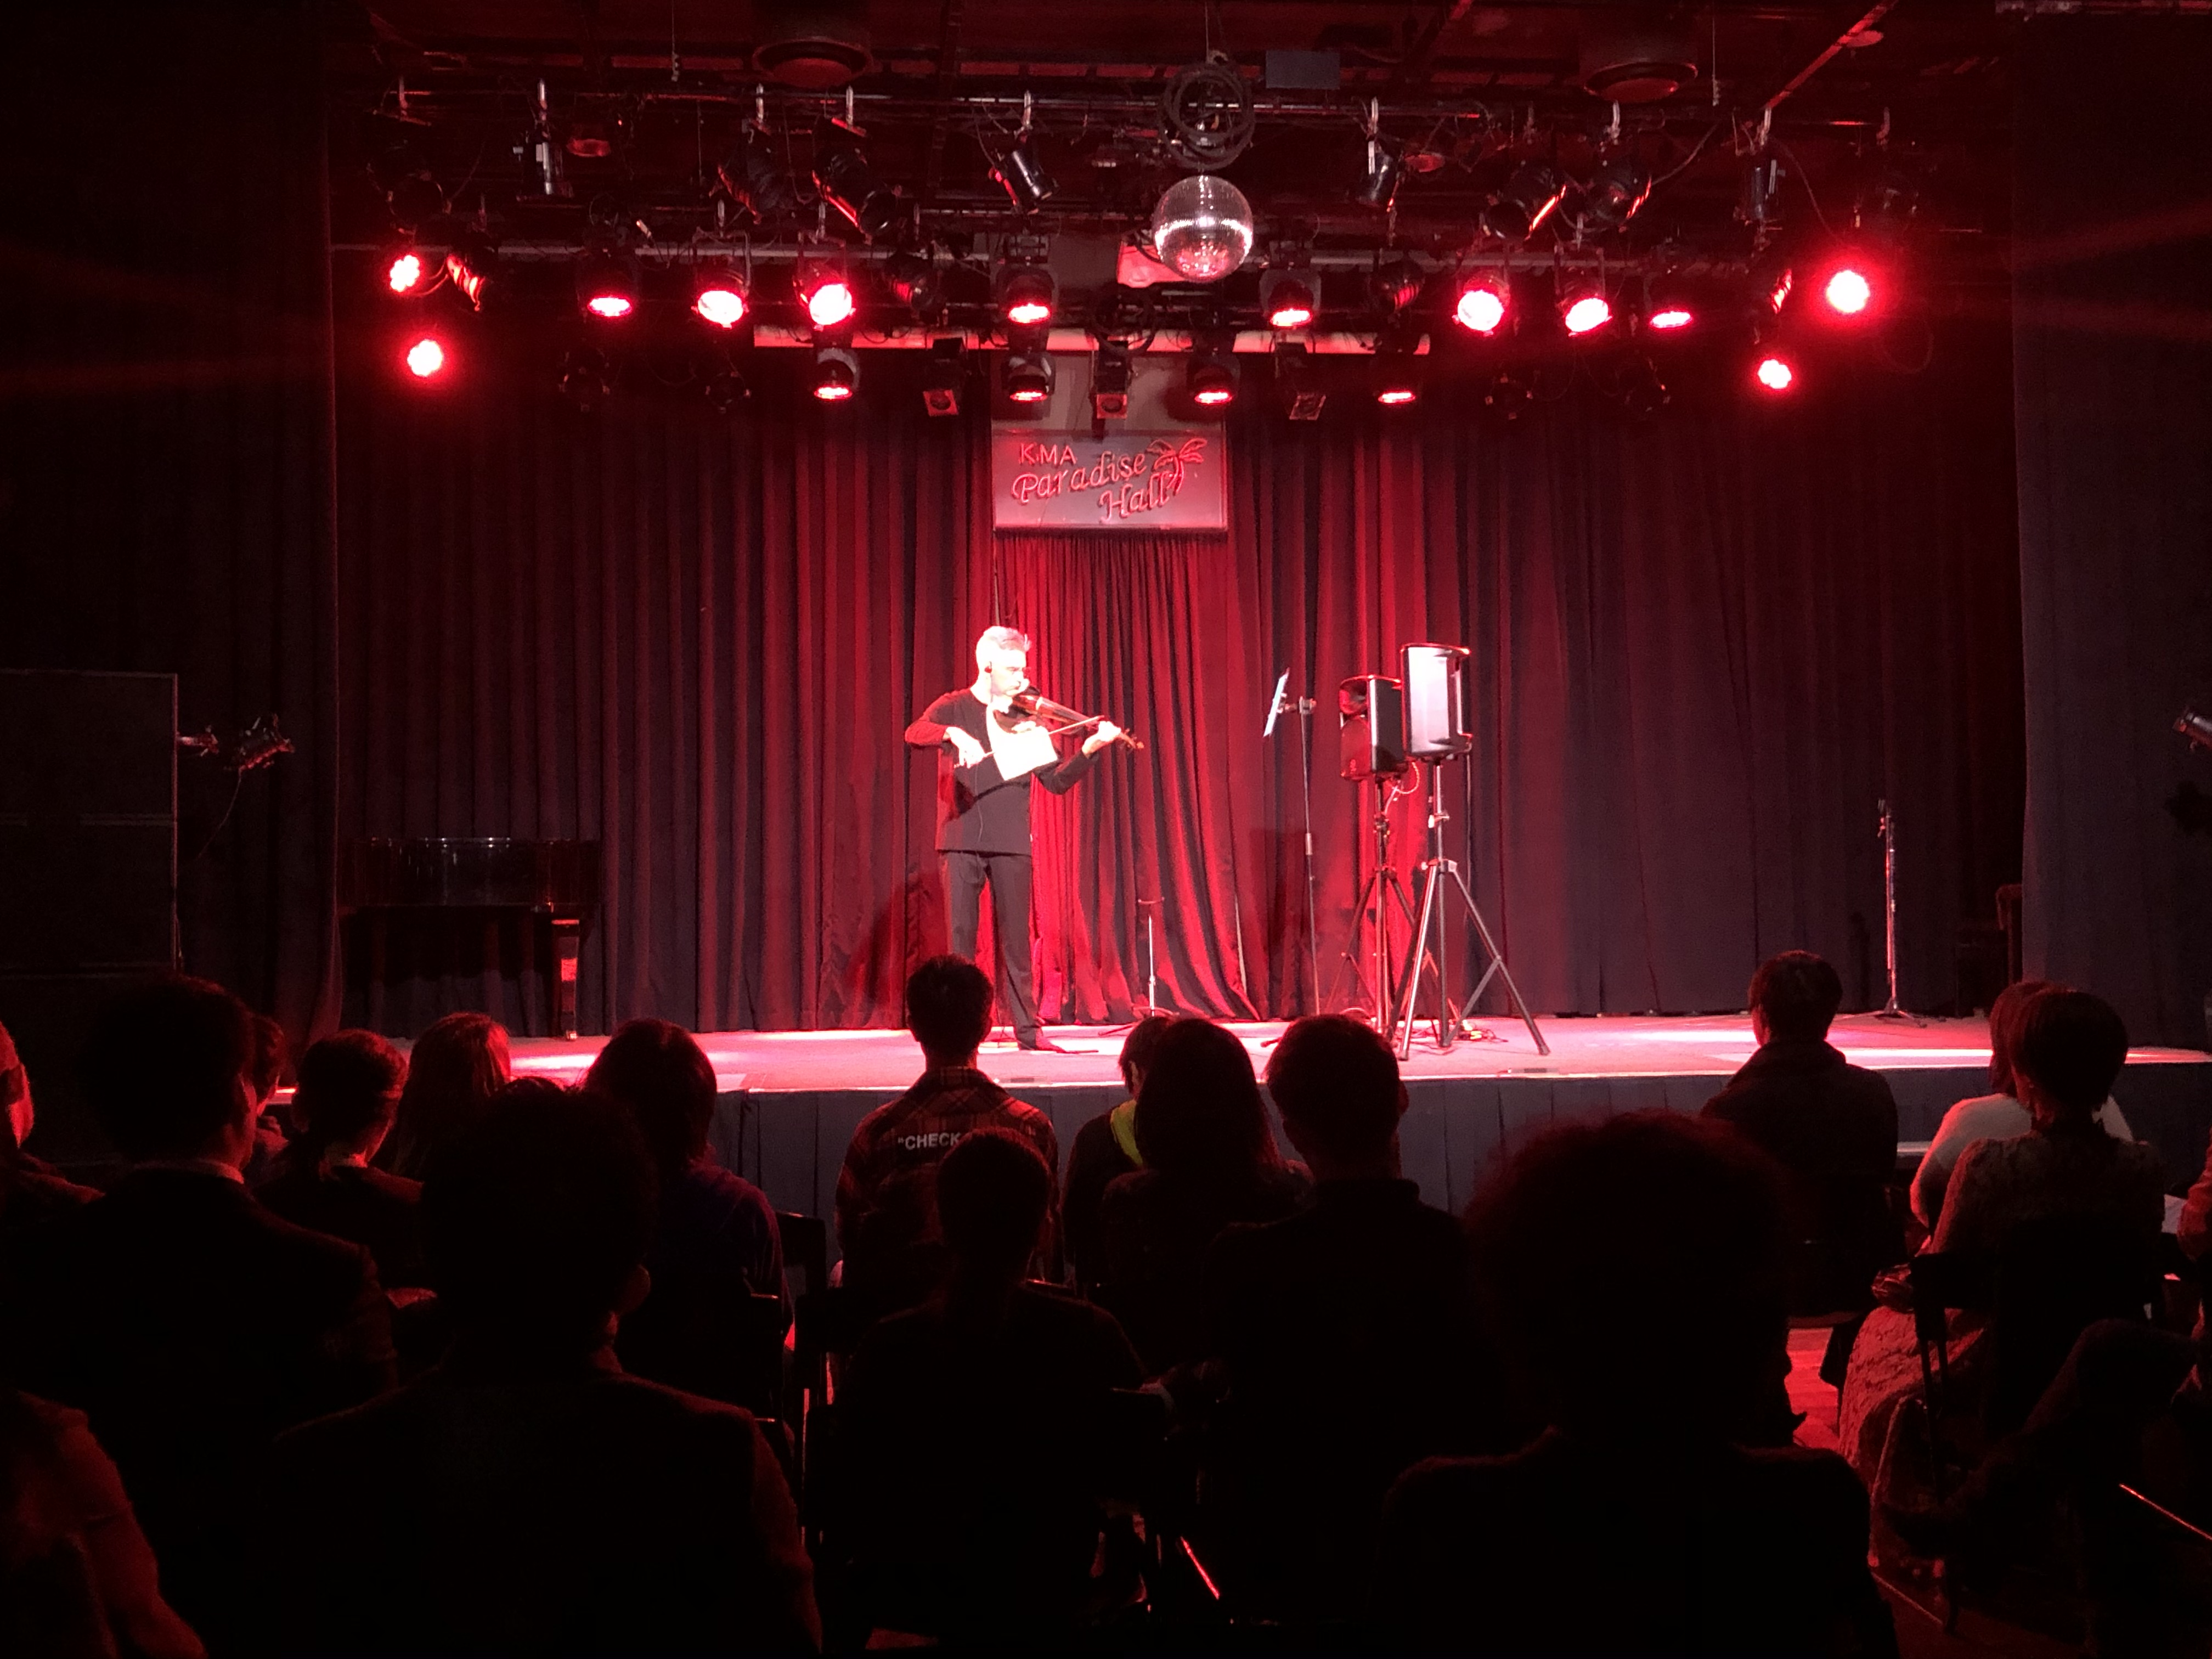 ステージ上のNicによるエレキビオラ演奏を、マニピュレーターのJohnがサウンドデザイン。